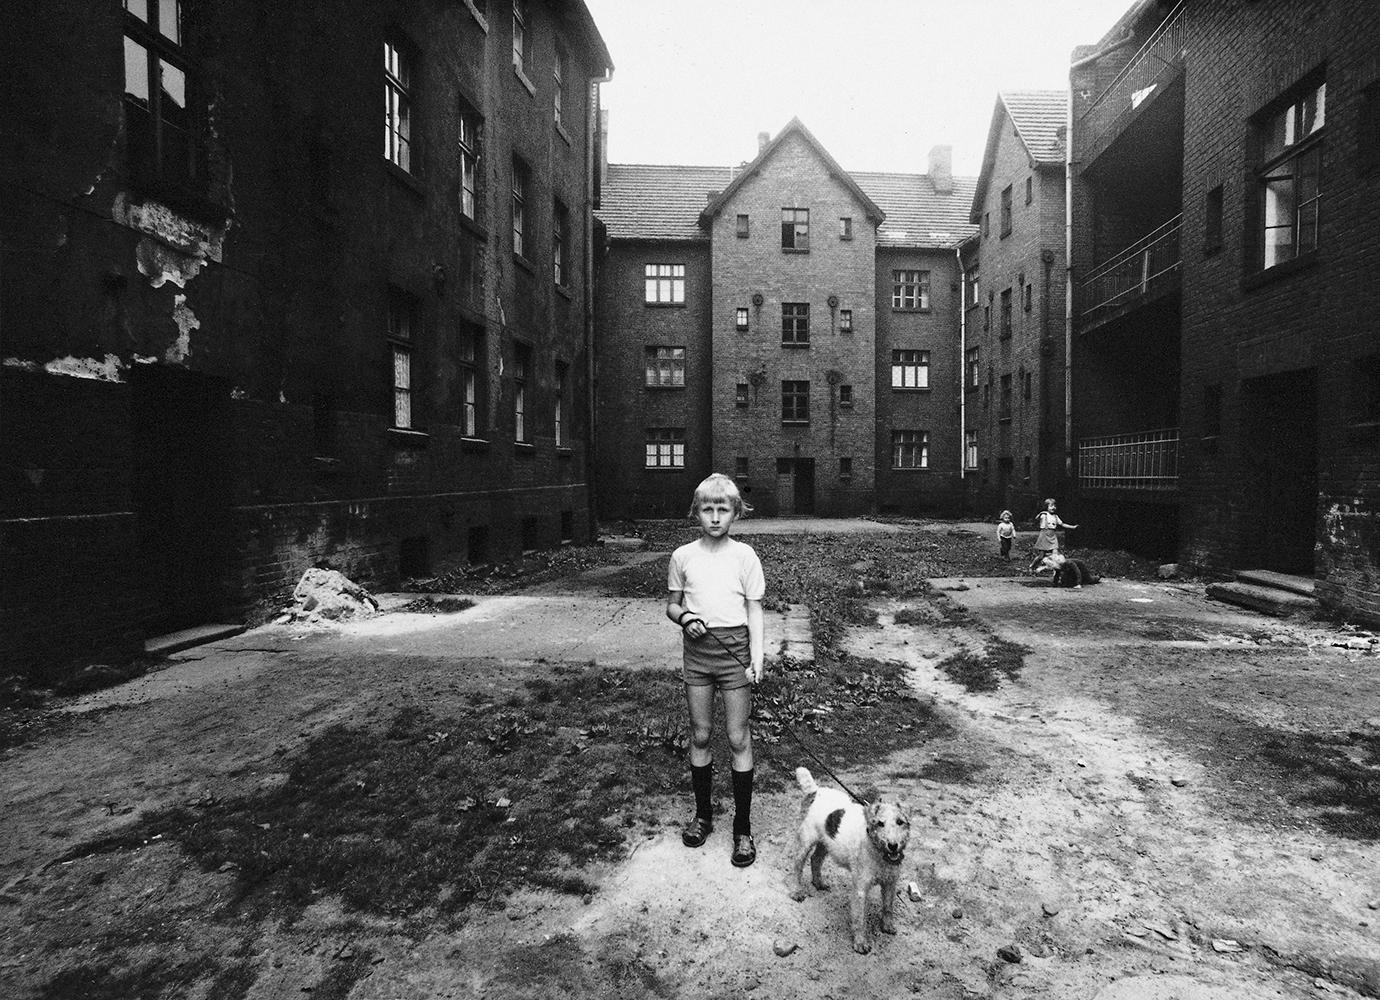 Michał Cała,  A boy with a dog,  1978